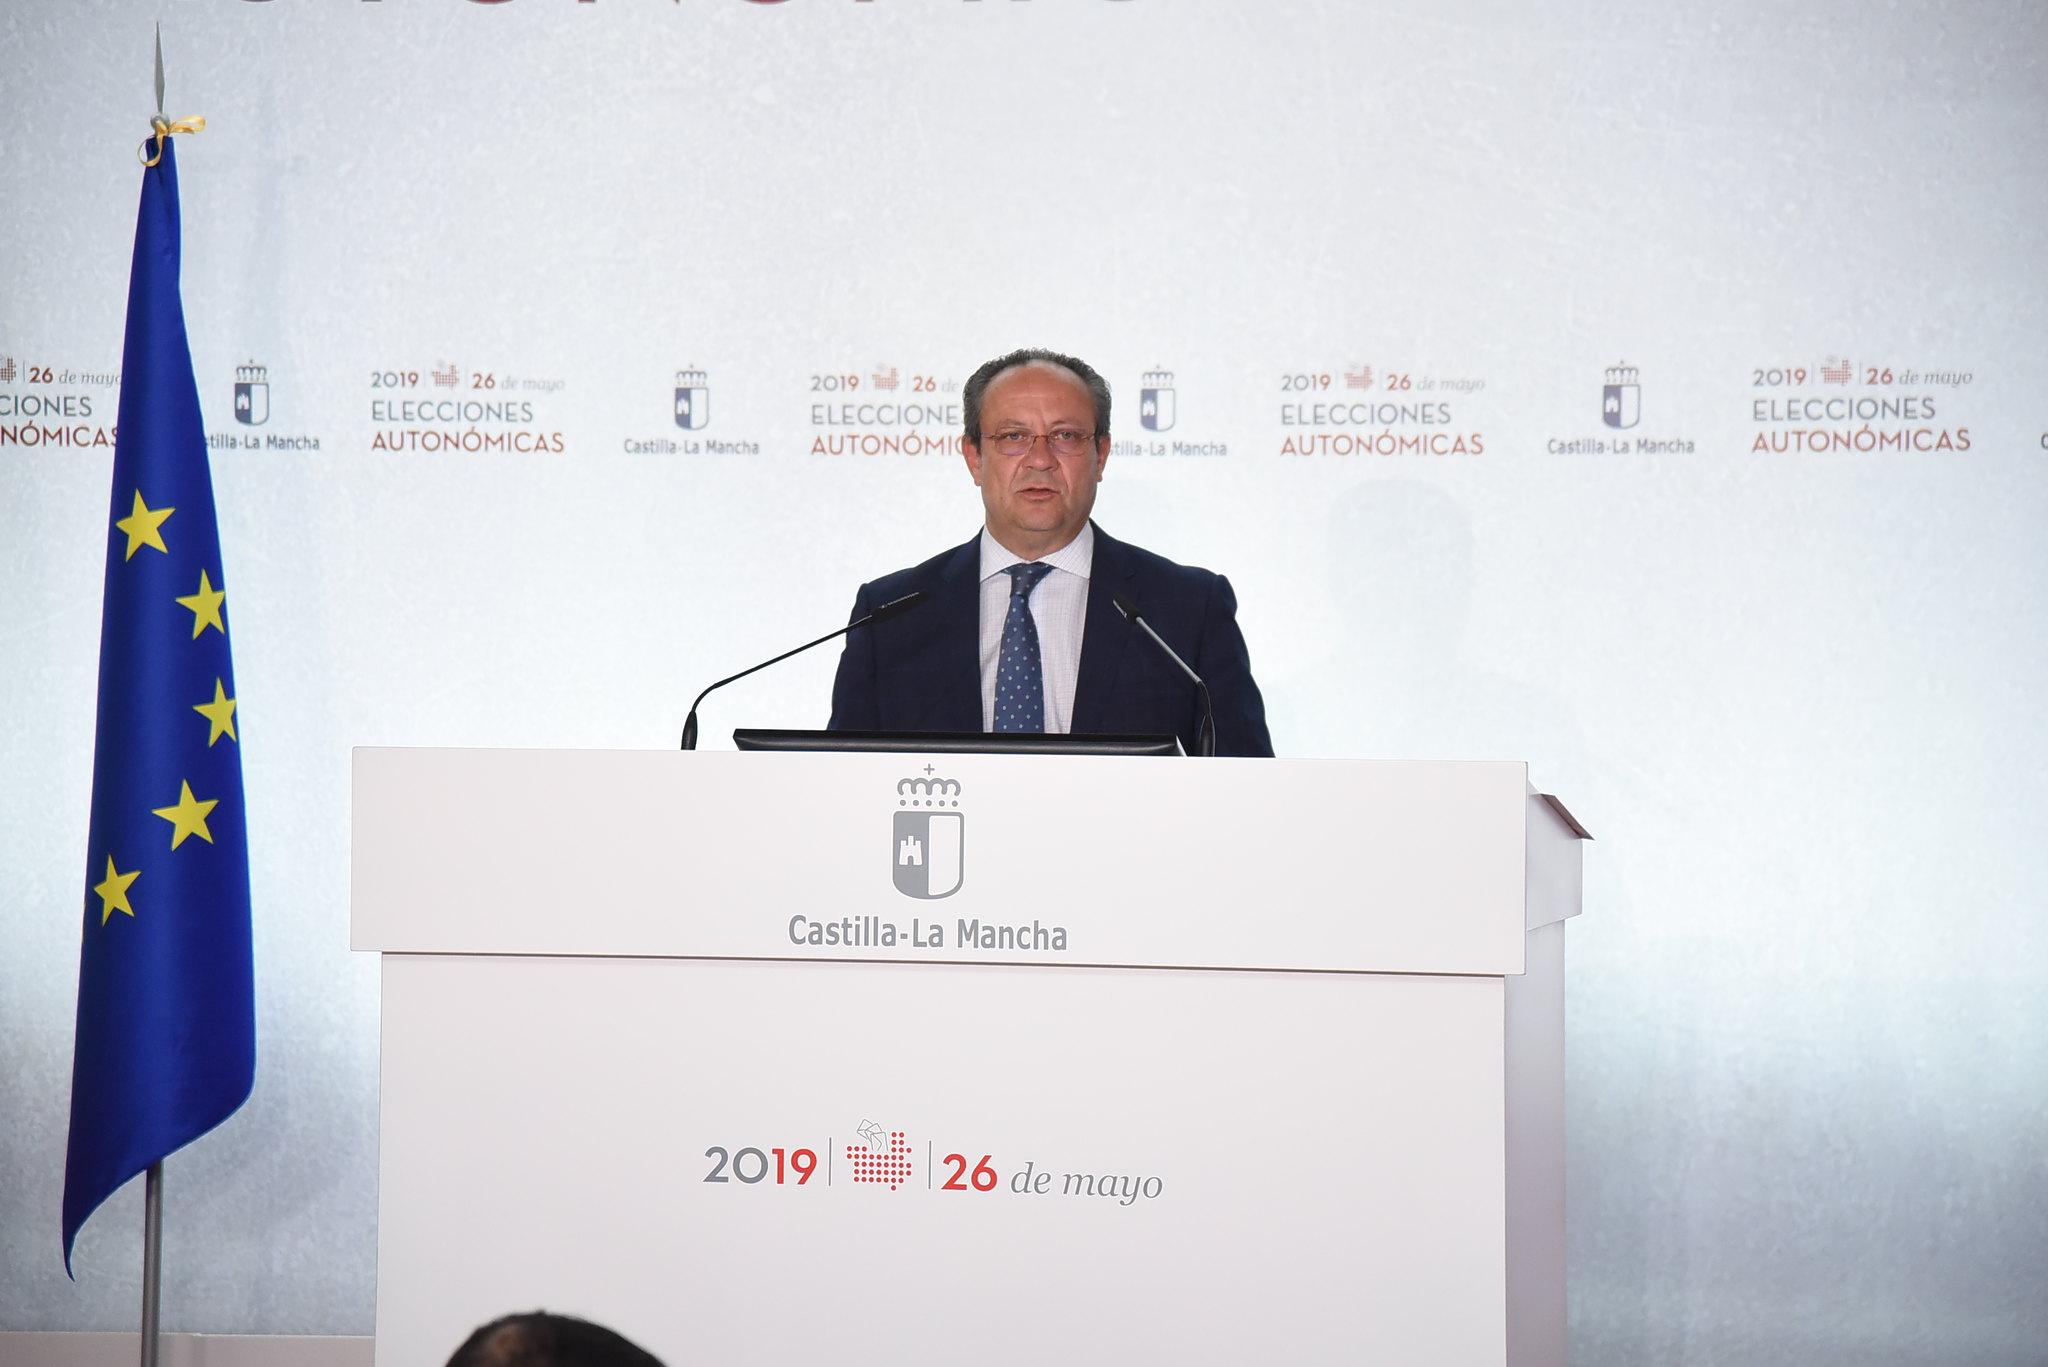 El consejero de Hacienda y Administraciones Públicas, Juan Alfonso Ruiz Molina, comparece, a las 18:30 horas, para informar sobre los datos de participación en las elecciones autonómicas.